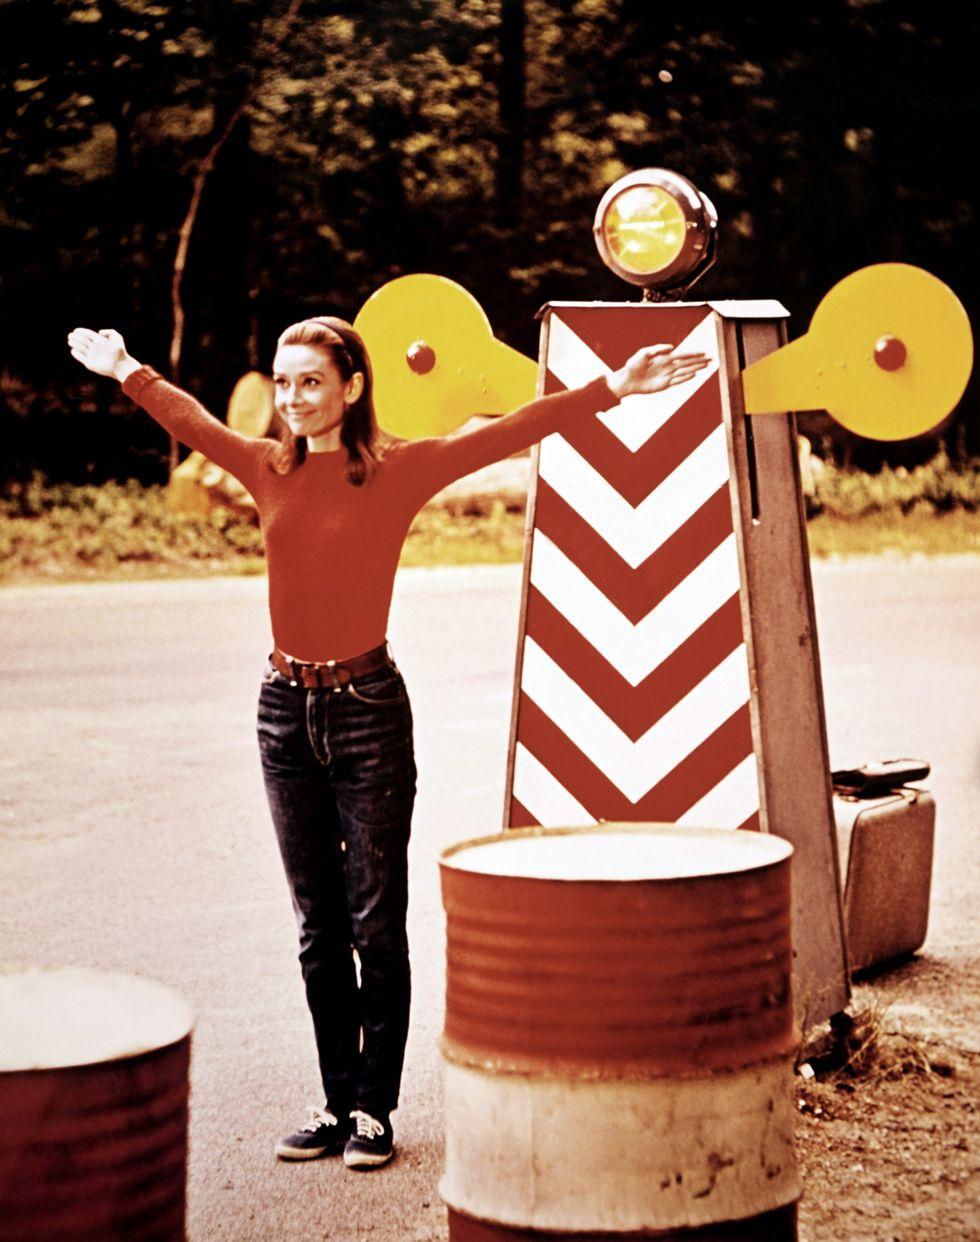 Audrey Hepburn, 1967 Audrey đổi thời trang cao cấp trên thảm đỏ của mình cho một chiếc quần jean xanh trong Two For The Road . Vẫn trông sang trọng như ngày nào.